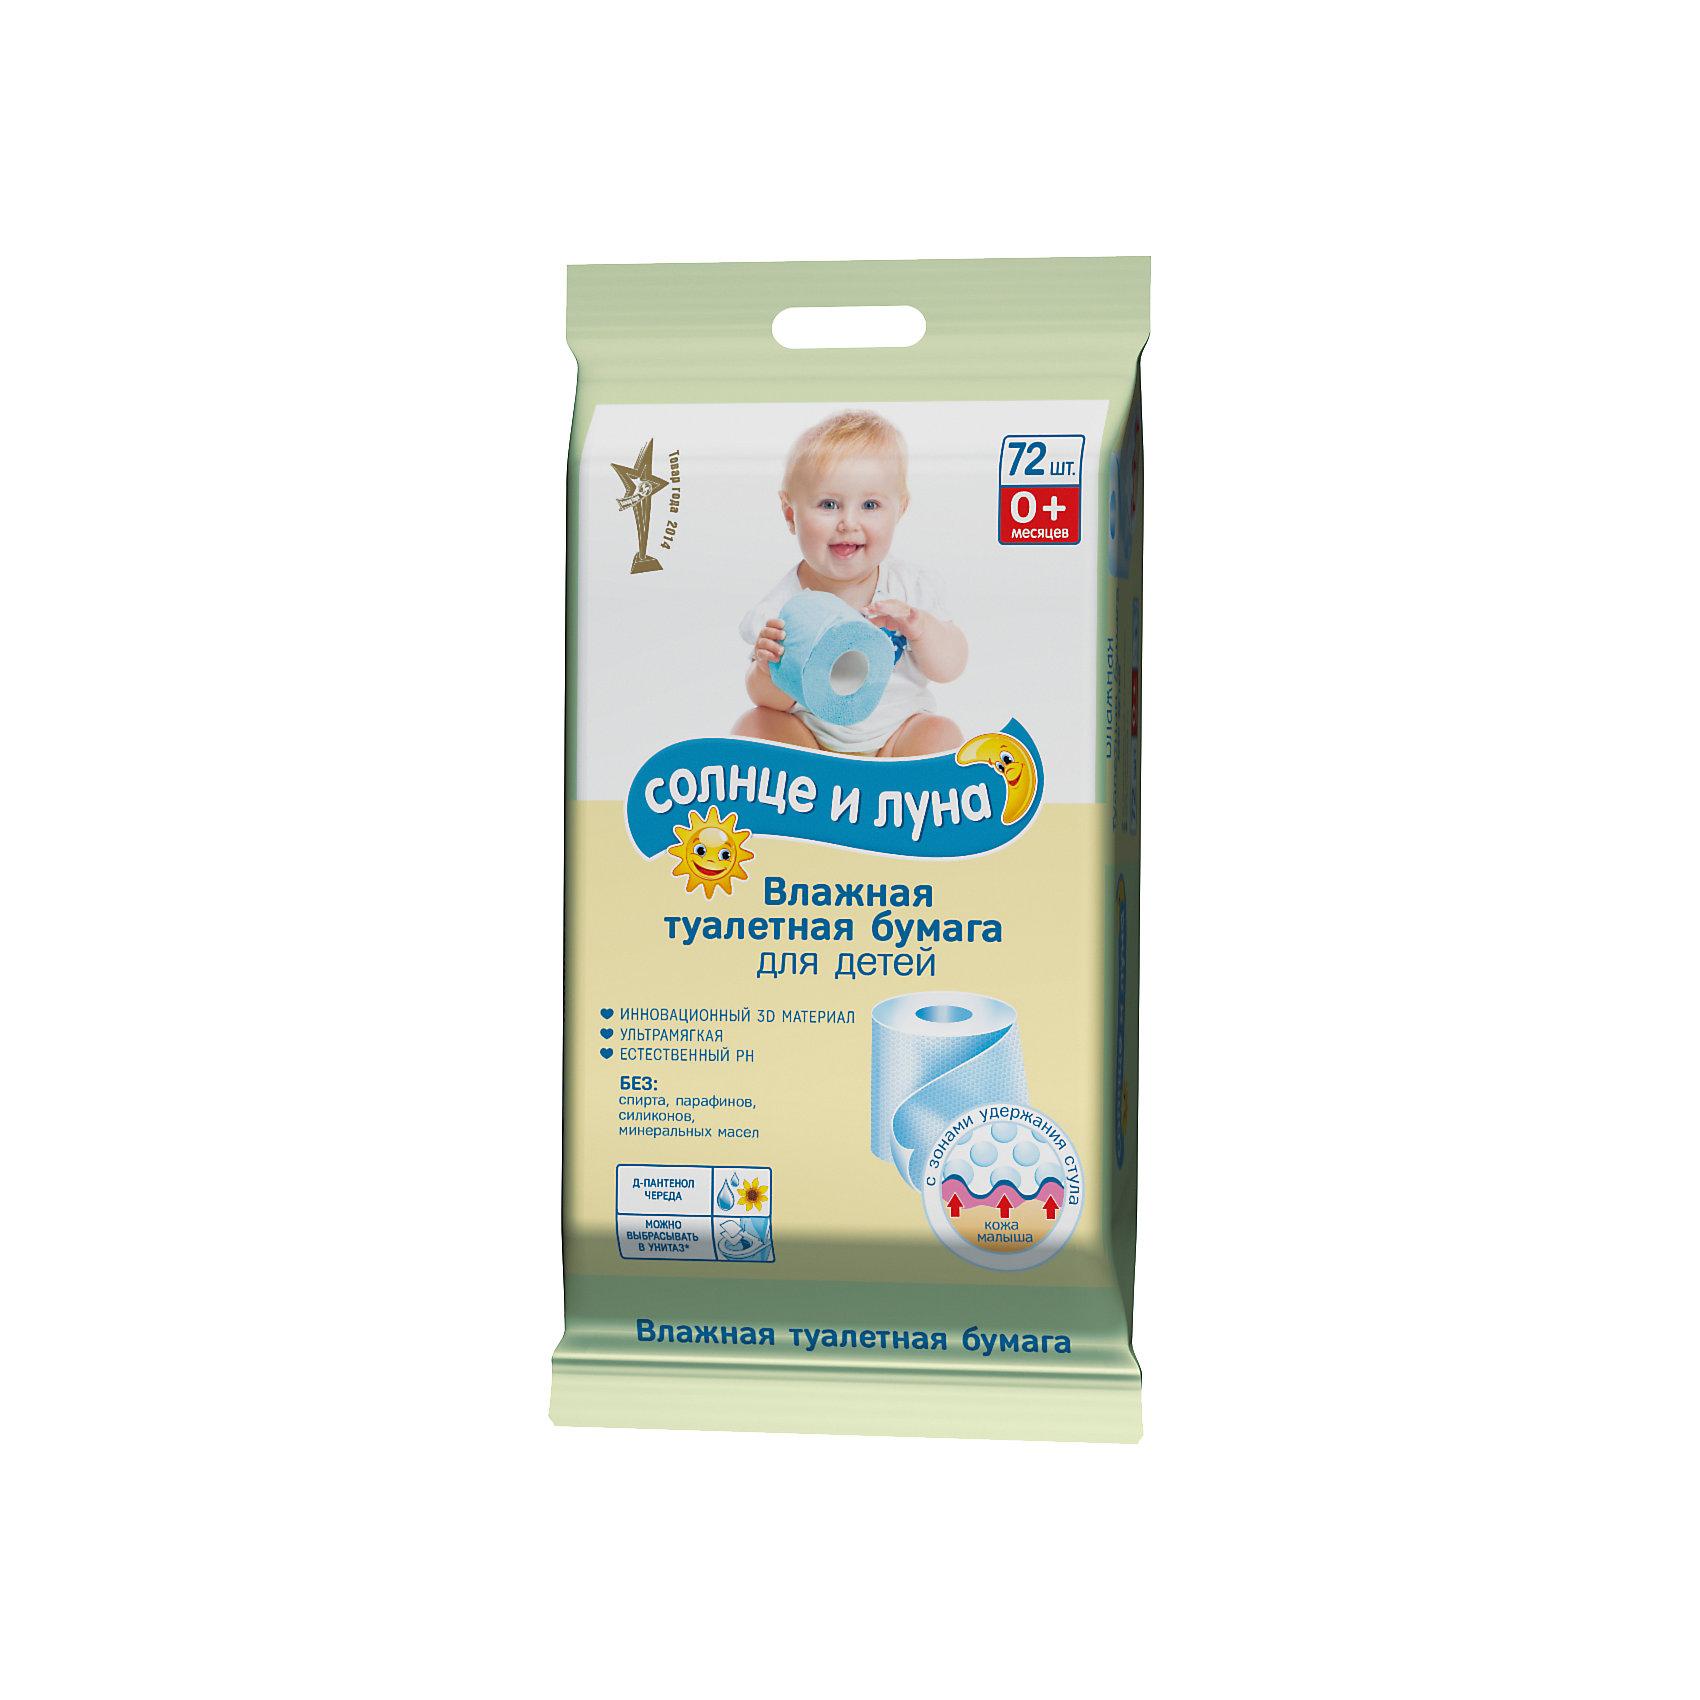 Влажная туалетная бумага, экстрактом череды, 72шт., Солнце и ЛунаВлажные салфетки<br>СОЛНЦЕ И ЛУНА Влажная бумага туалетная для детей с экстрактом череды 72шт<br><br>Ширина мм: 350<br>Глубина мм: 230<br>Высота мм: 160<br>Вес г: 145<br>Возраст от месяцев: 0<br>Возраст до месяцев: 1188<br>Пол: Унисекс<br>Возраст: Детский<br>SKU: 5523083